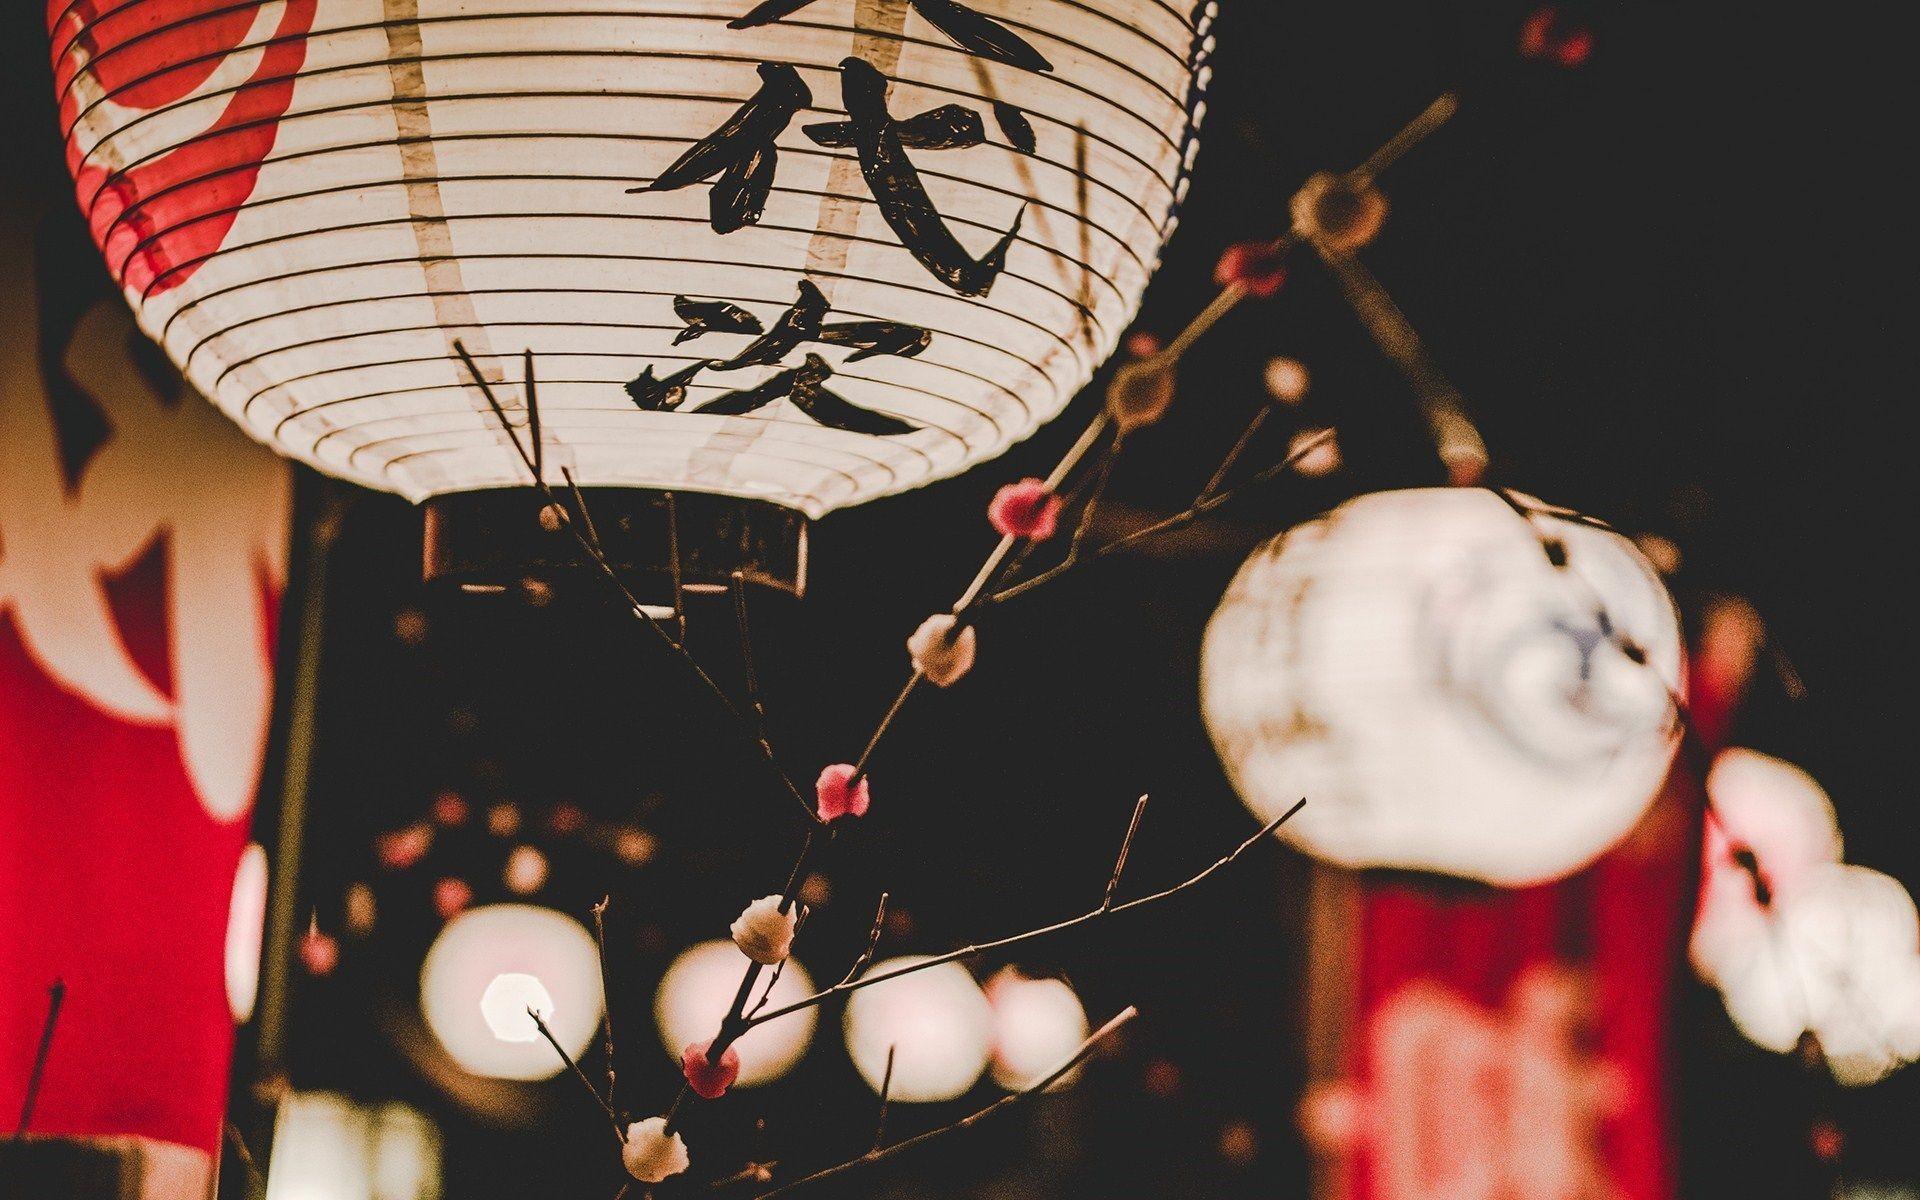 Image: Wallpaper-Asian-TYS55.jpg